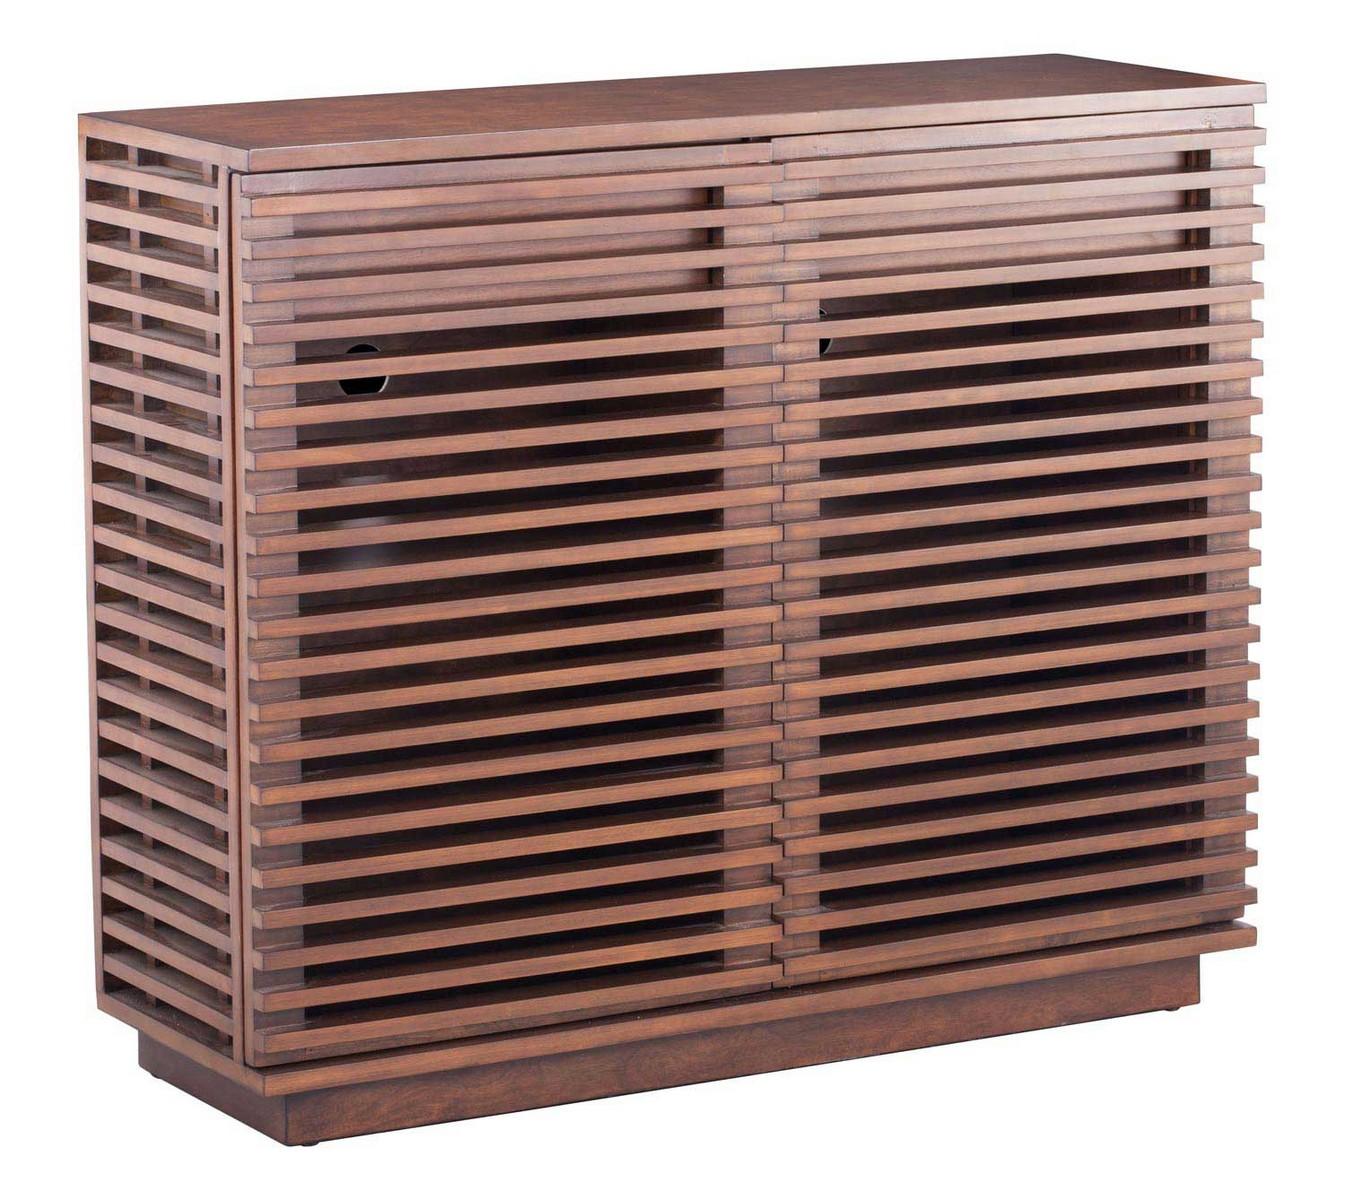 Zuo Modern Linea Cabinet - Walnut